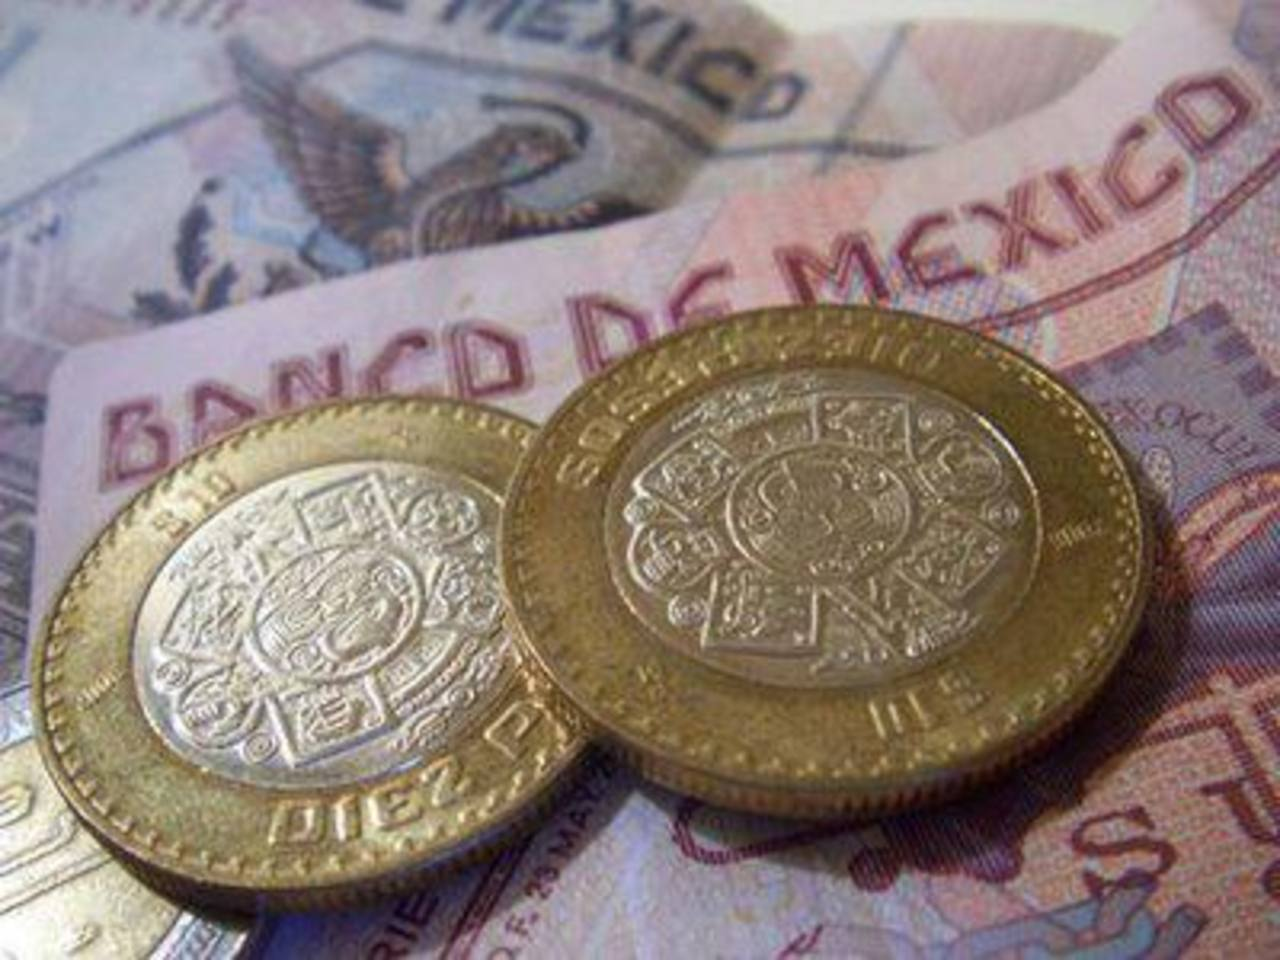 El Banco Central informó que la inflación ha mejorado y no ve por el momento alguna perturbación en el proceso de formación de precios.